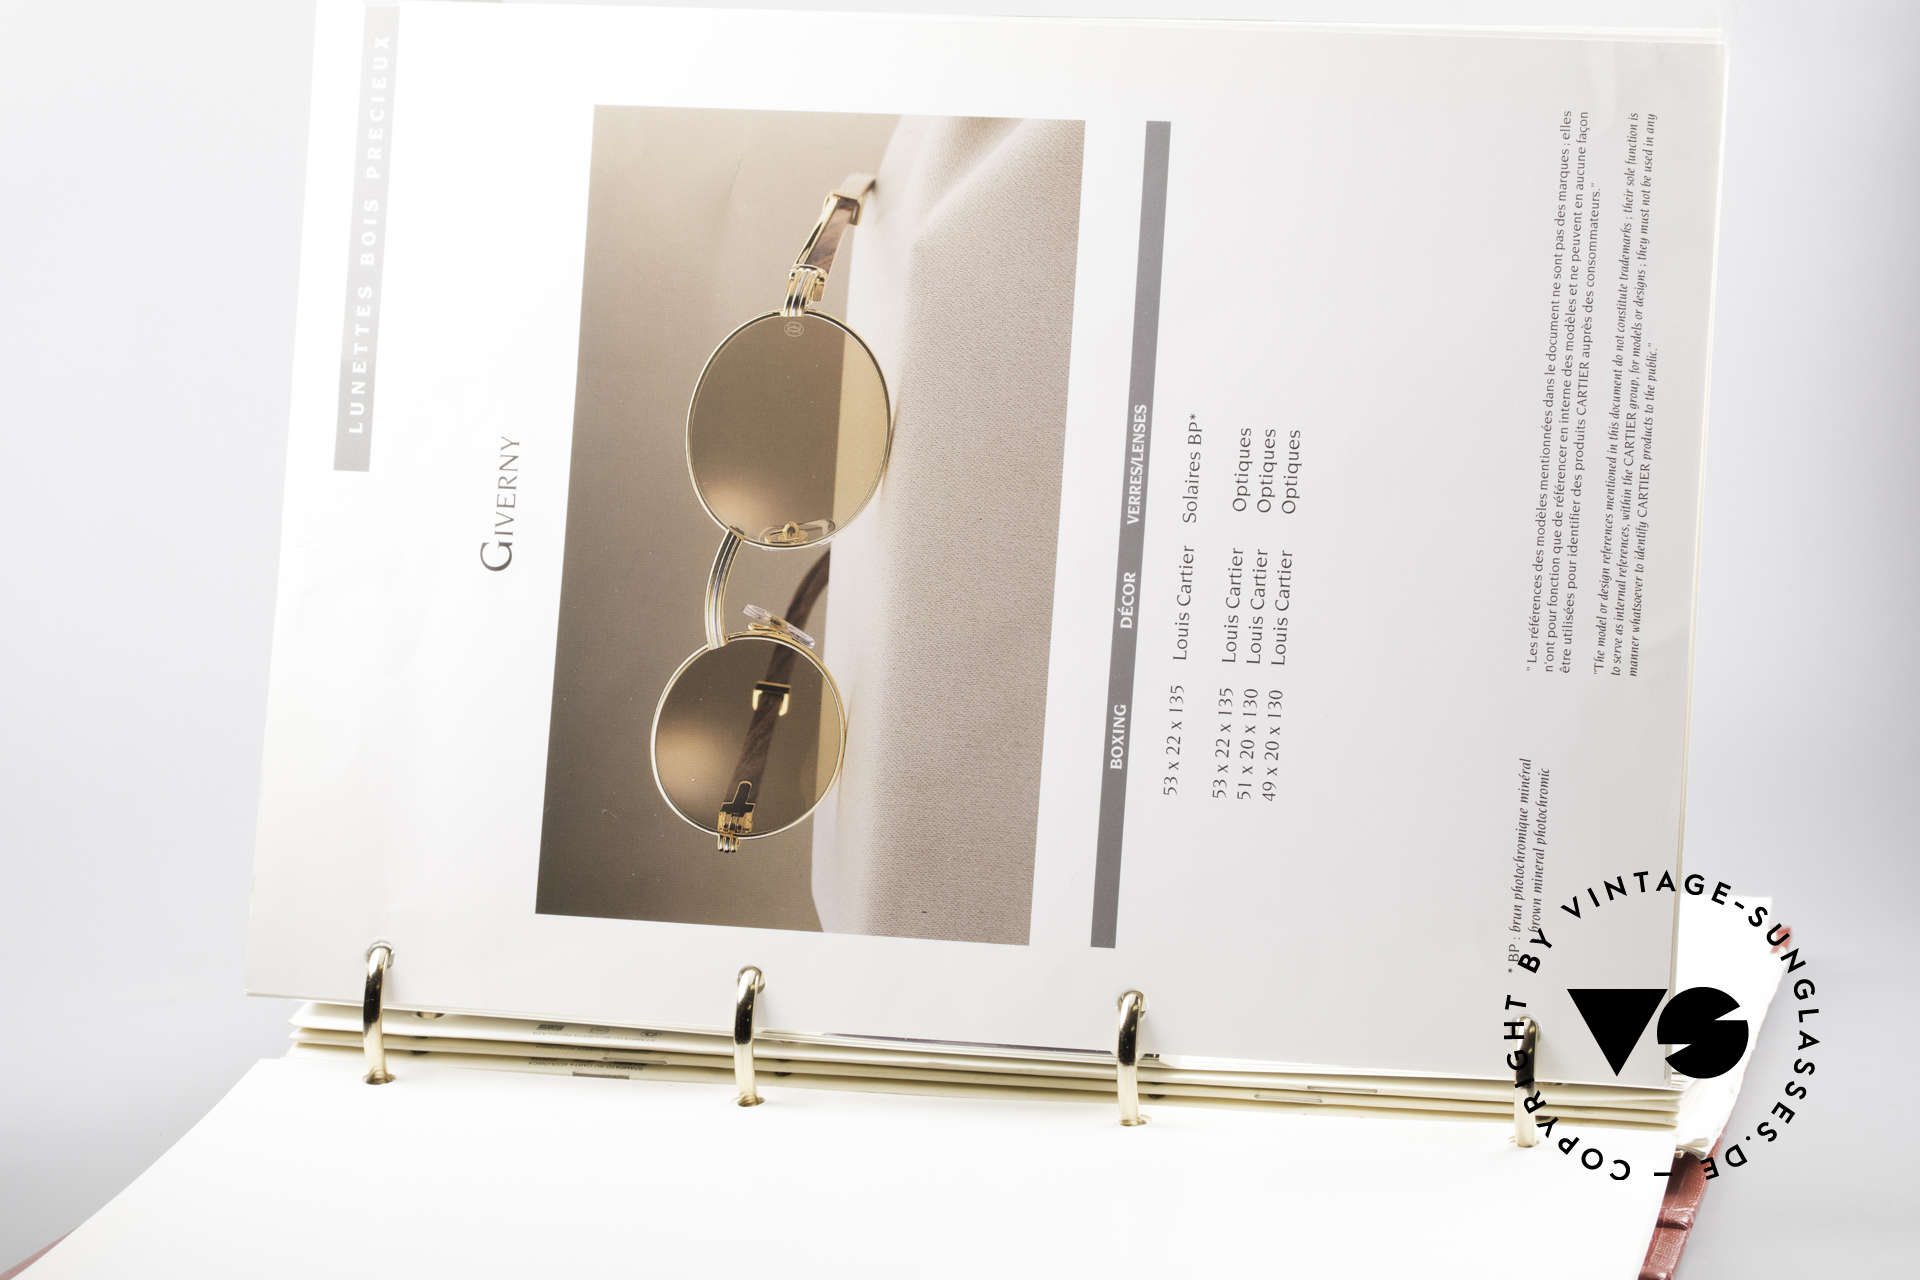 Cartier_ Catalog Cartier Journal Preislisten, mit technischen Daten & nützlichen Referenznummern, Passend für Herren und Damen